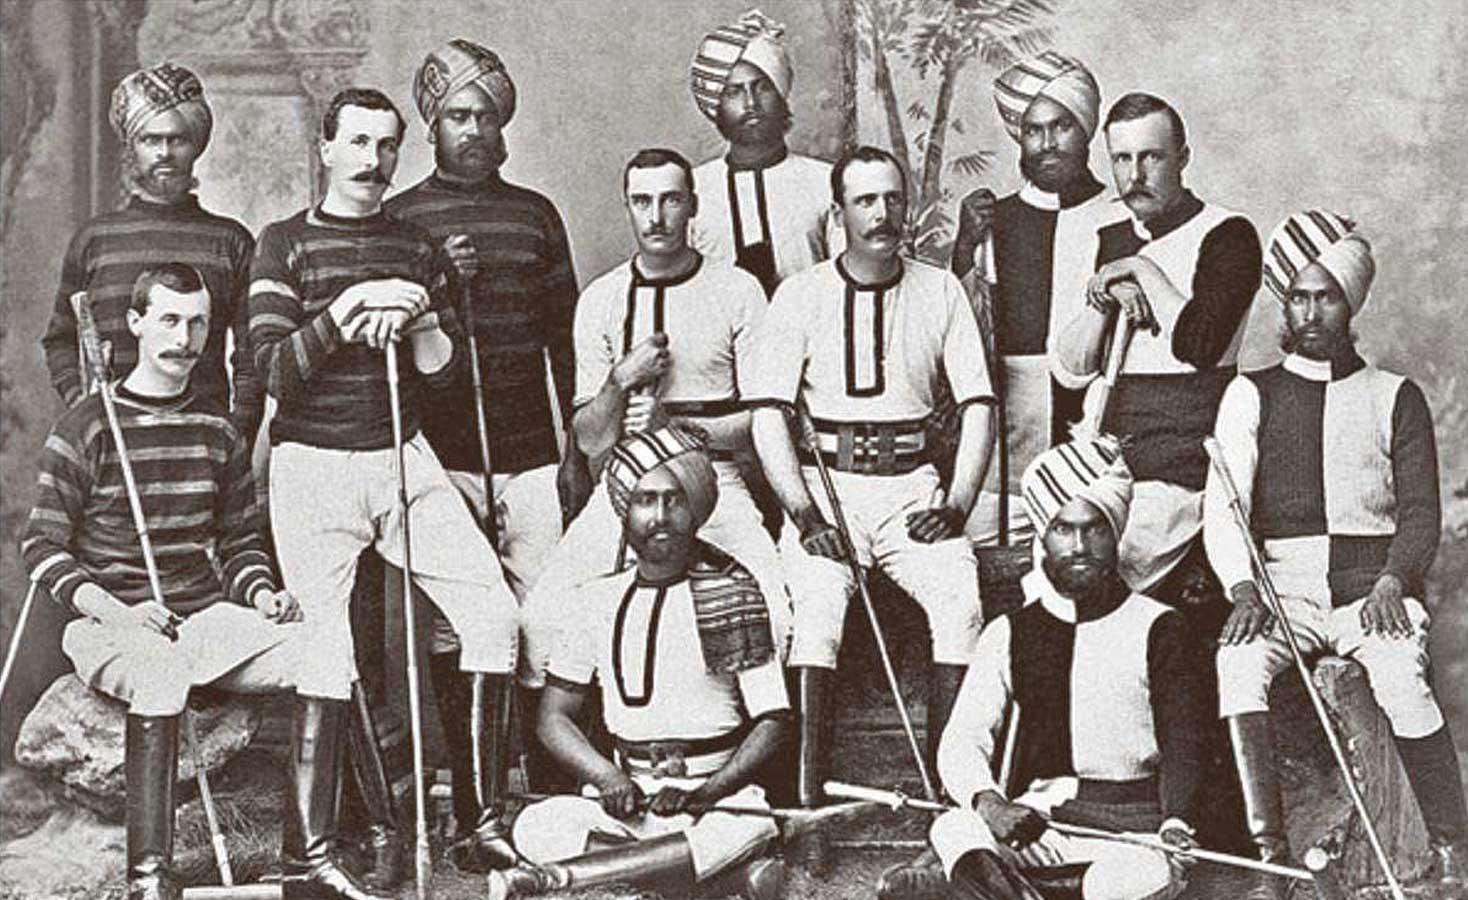 Vinatge polo team of manipur polo